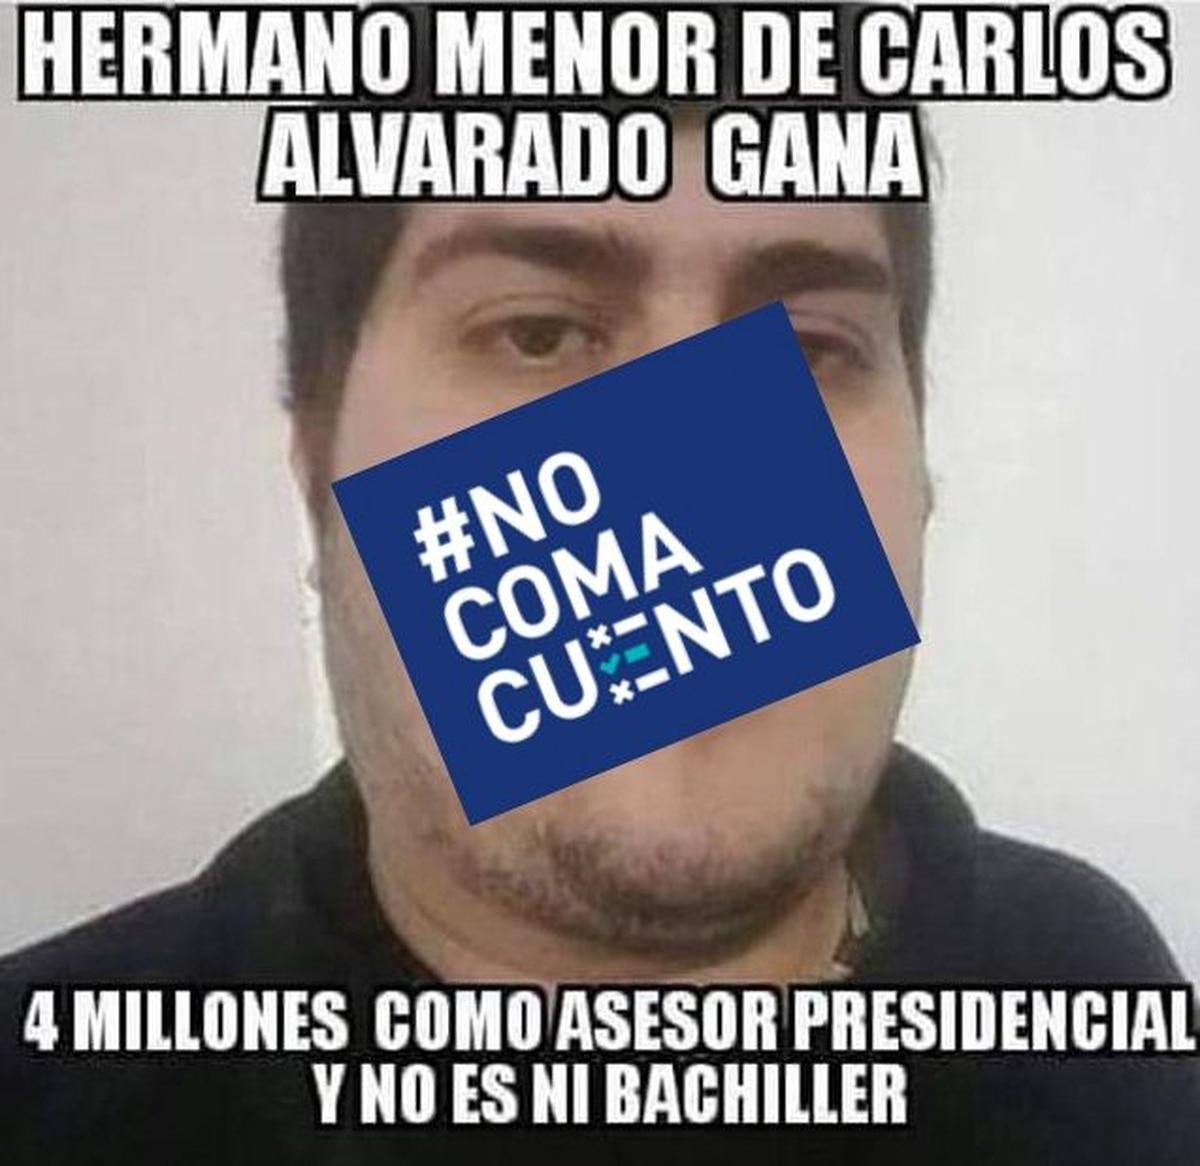 Imagen que se comparte en redes sociales sobre el supuesto hermano de Carlos Alvarado. Foto: Reproducción.